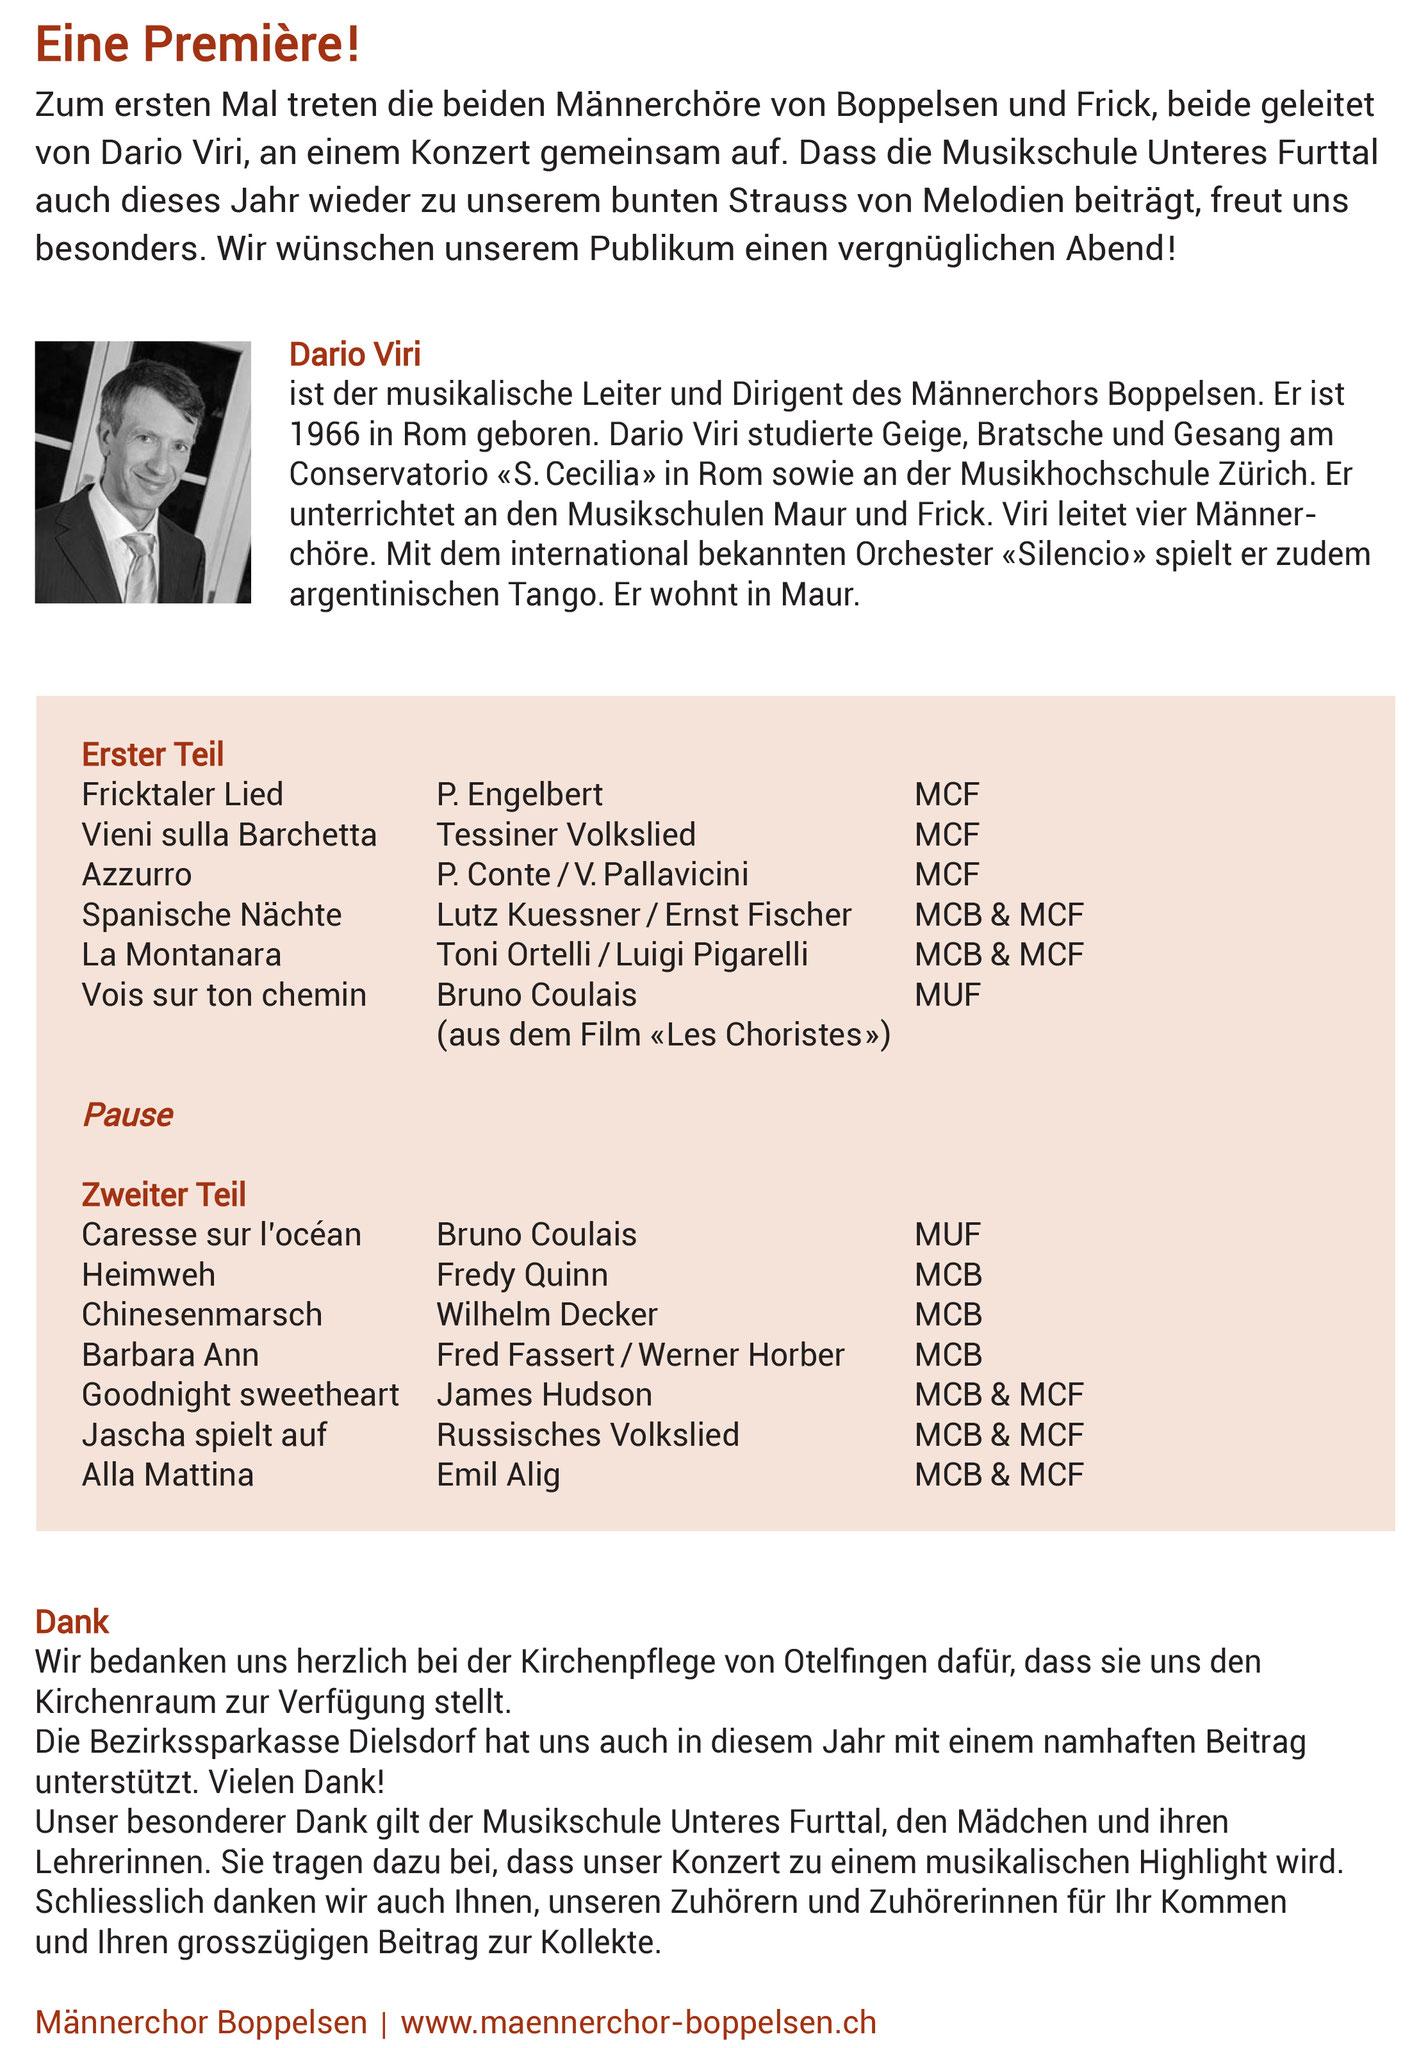 Flyer: Othmar Eigenmann, Otelfingen